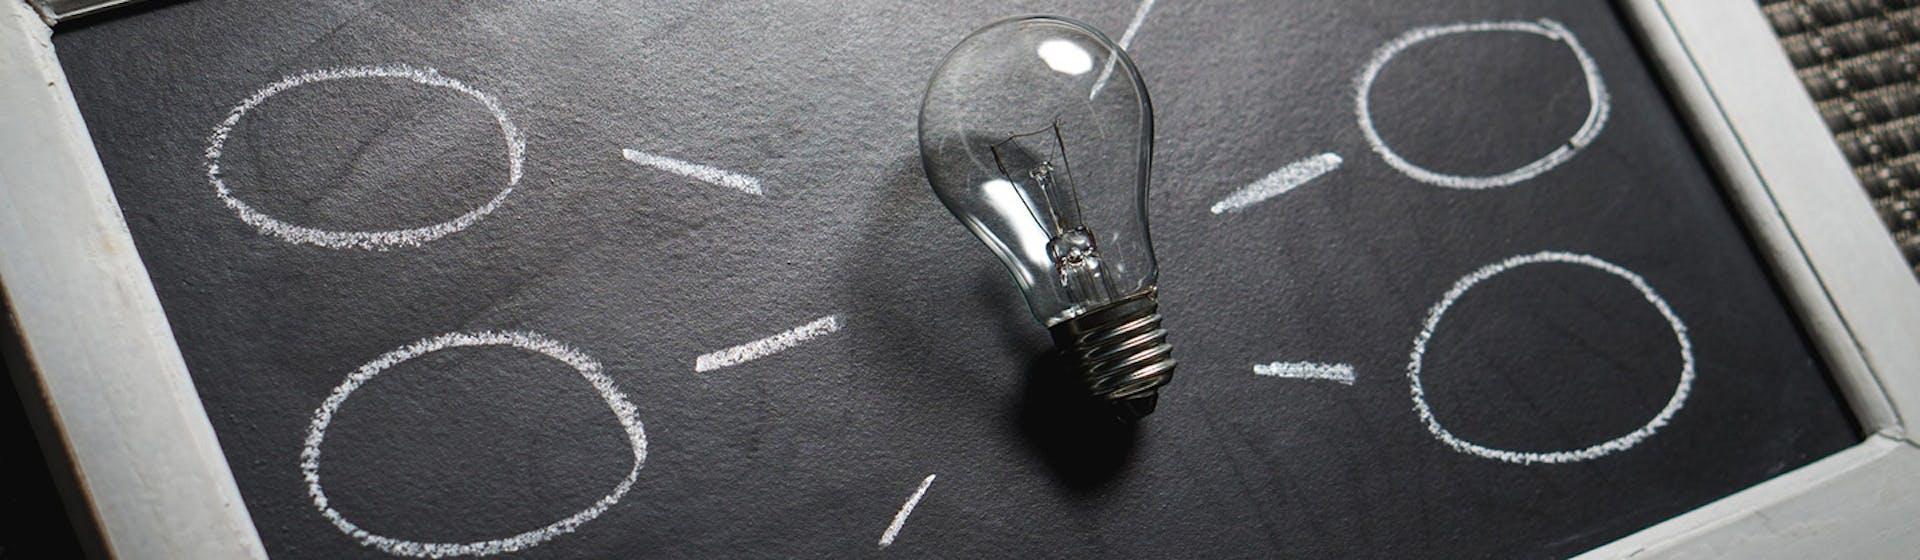 Unidad de negocio: garantiza el éxito de tu empresa con una organización efectiva